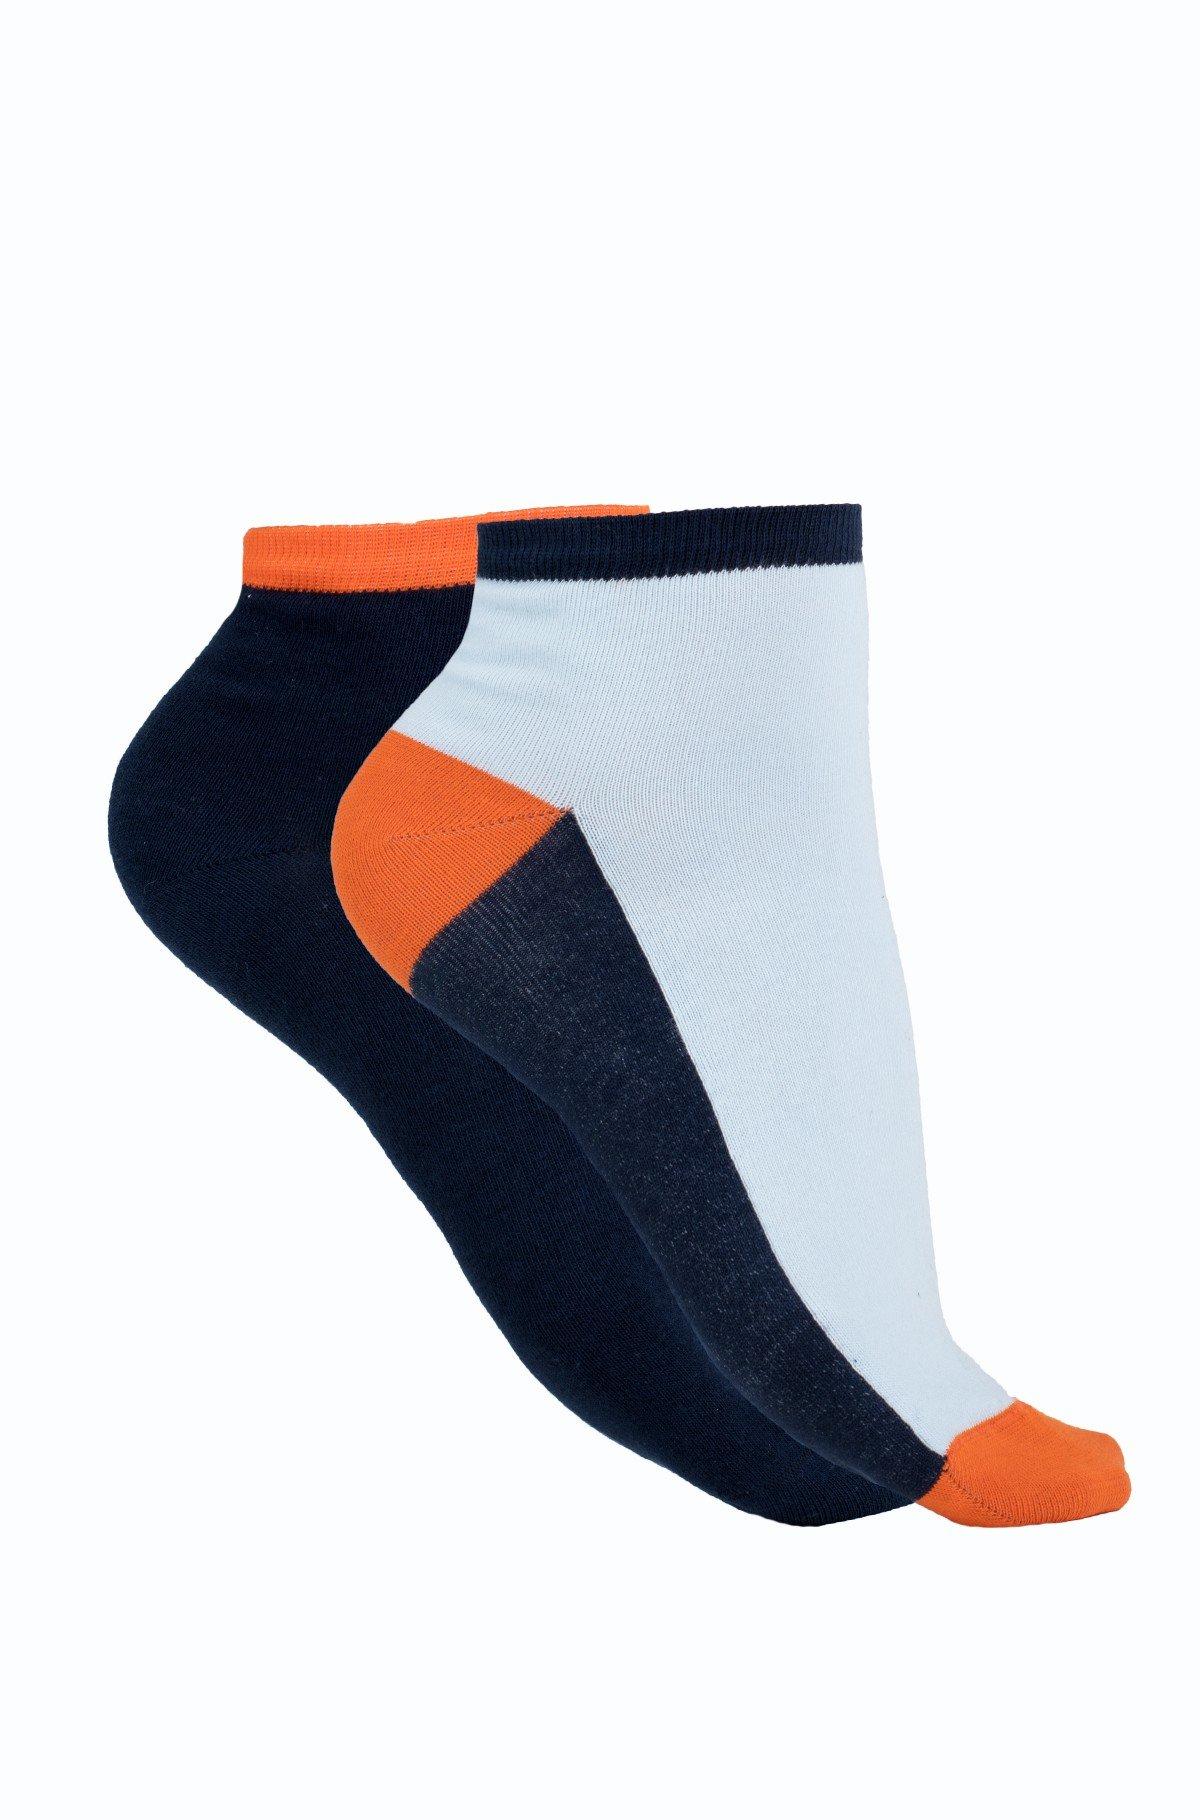 Socks 6238-full-1